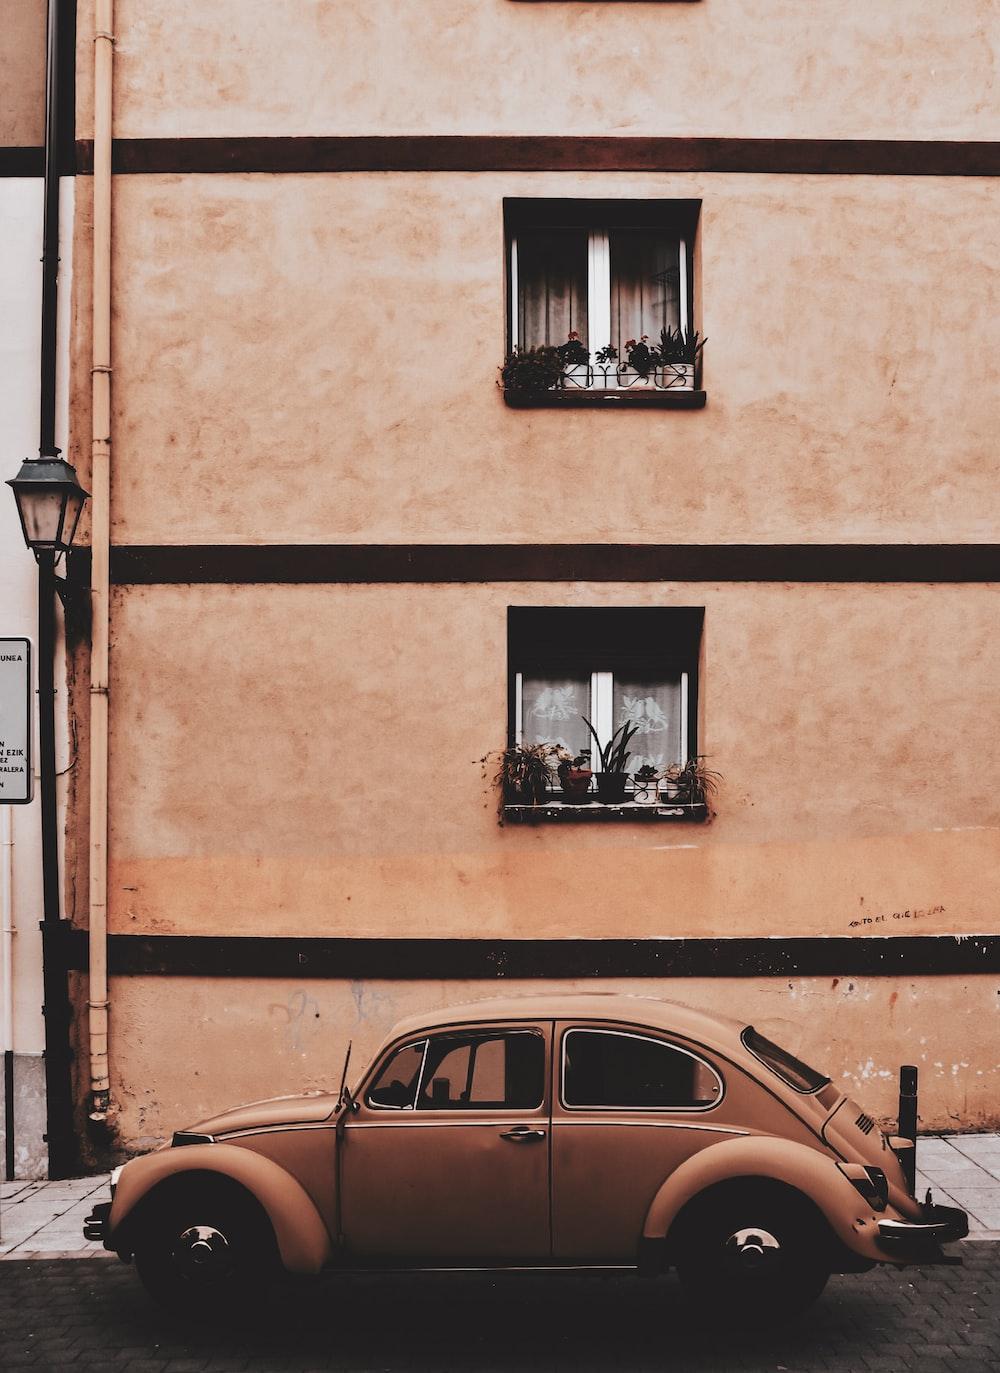 brown Volkswagen Beetle outside hous